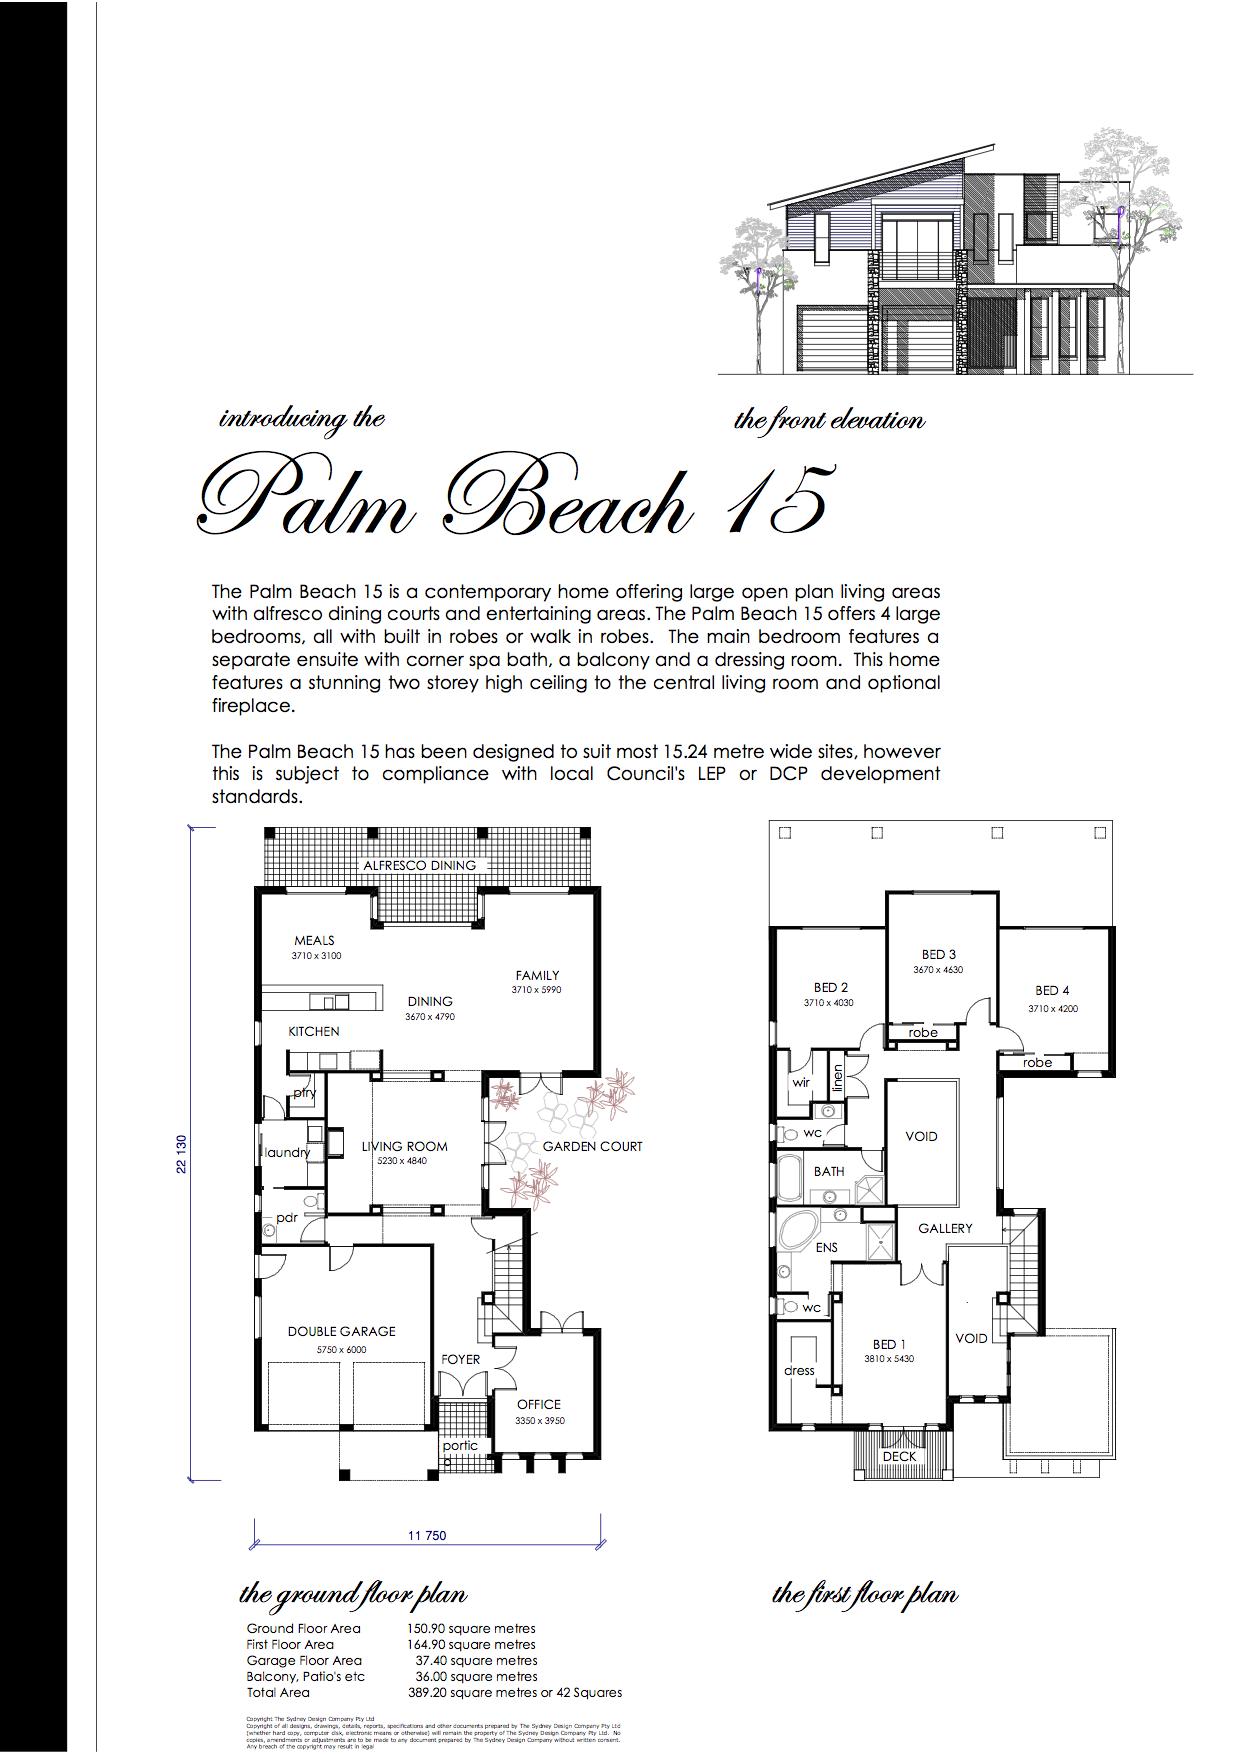 THE PALM BEACH 15